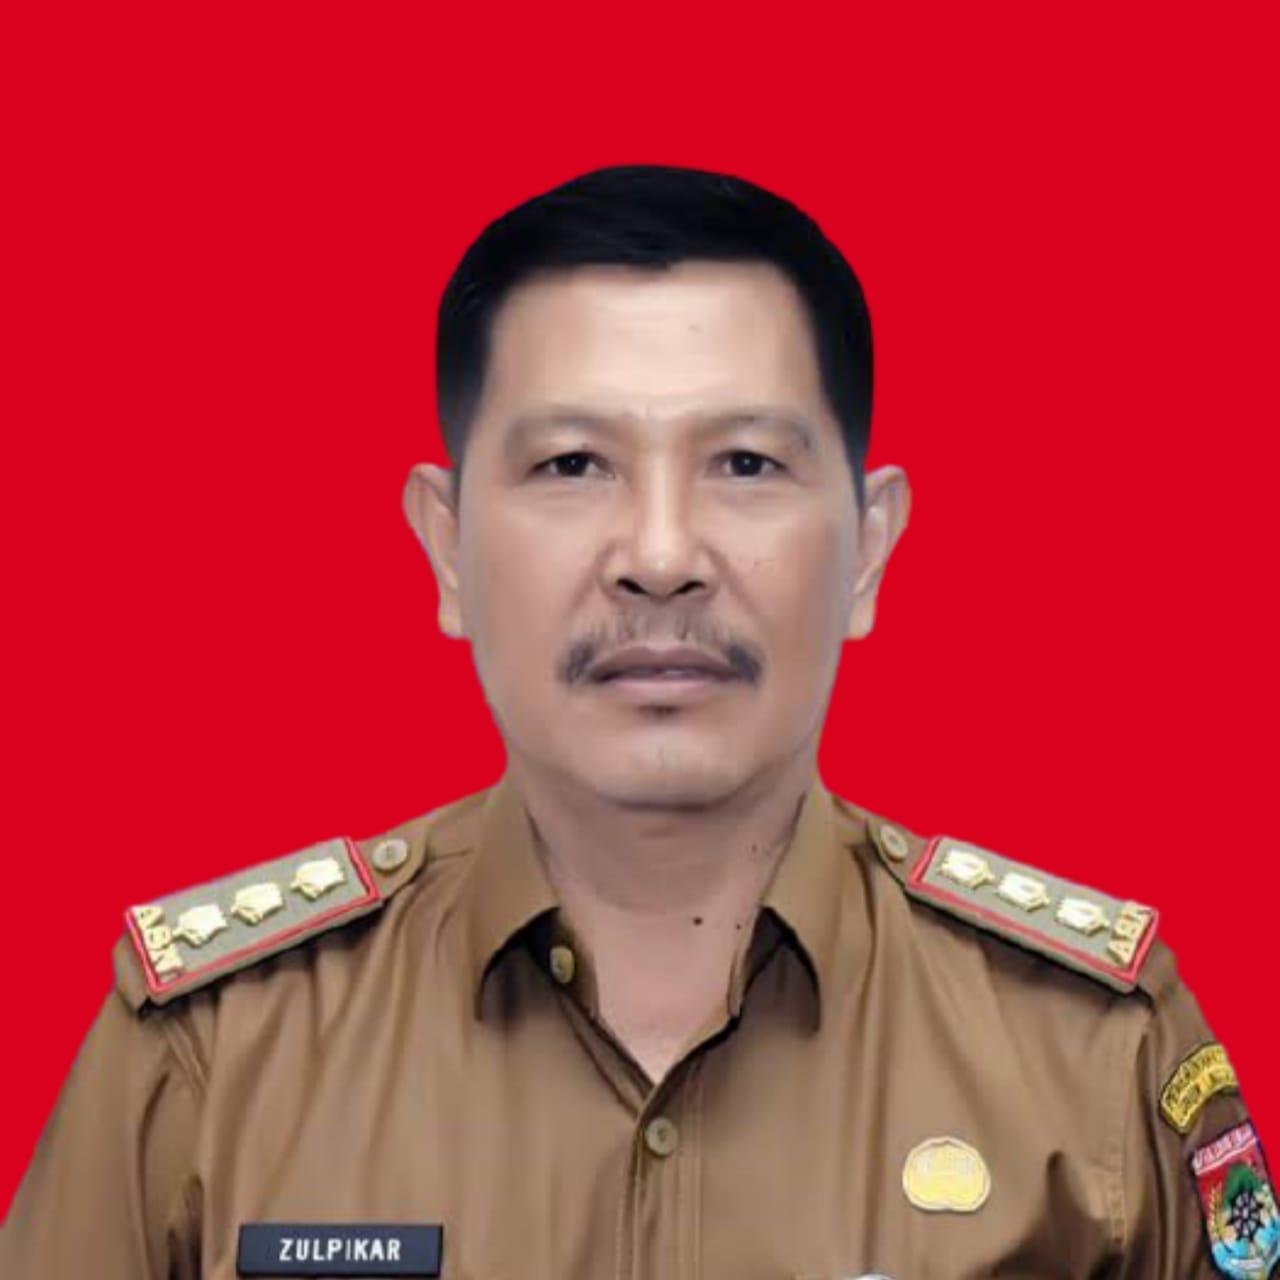 Kepala Kepegawaian dan Pengembangan Sumber Daya Manusia (BKPSDM) Kota Lubuklinggau Zulpikar